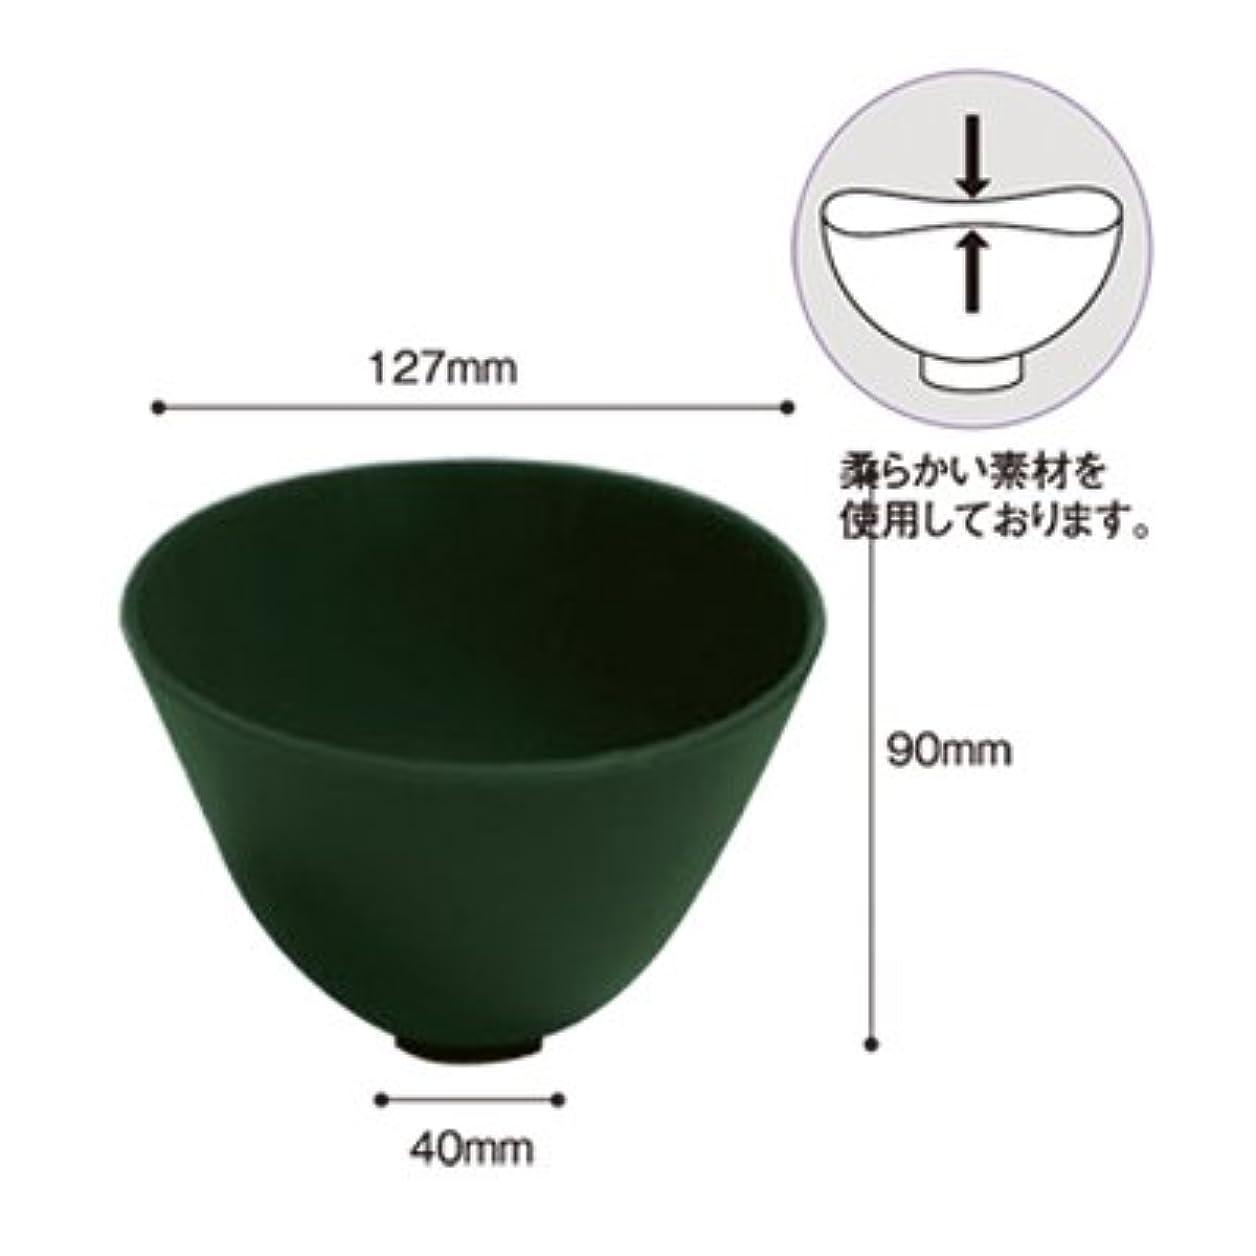 ヒット魅惑する指(ロータス)LOTUS ラバーボウル エステ サロン 割れない カップ 歯科 Lサイズ (直径:127mm)グリーン